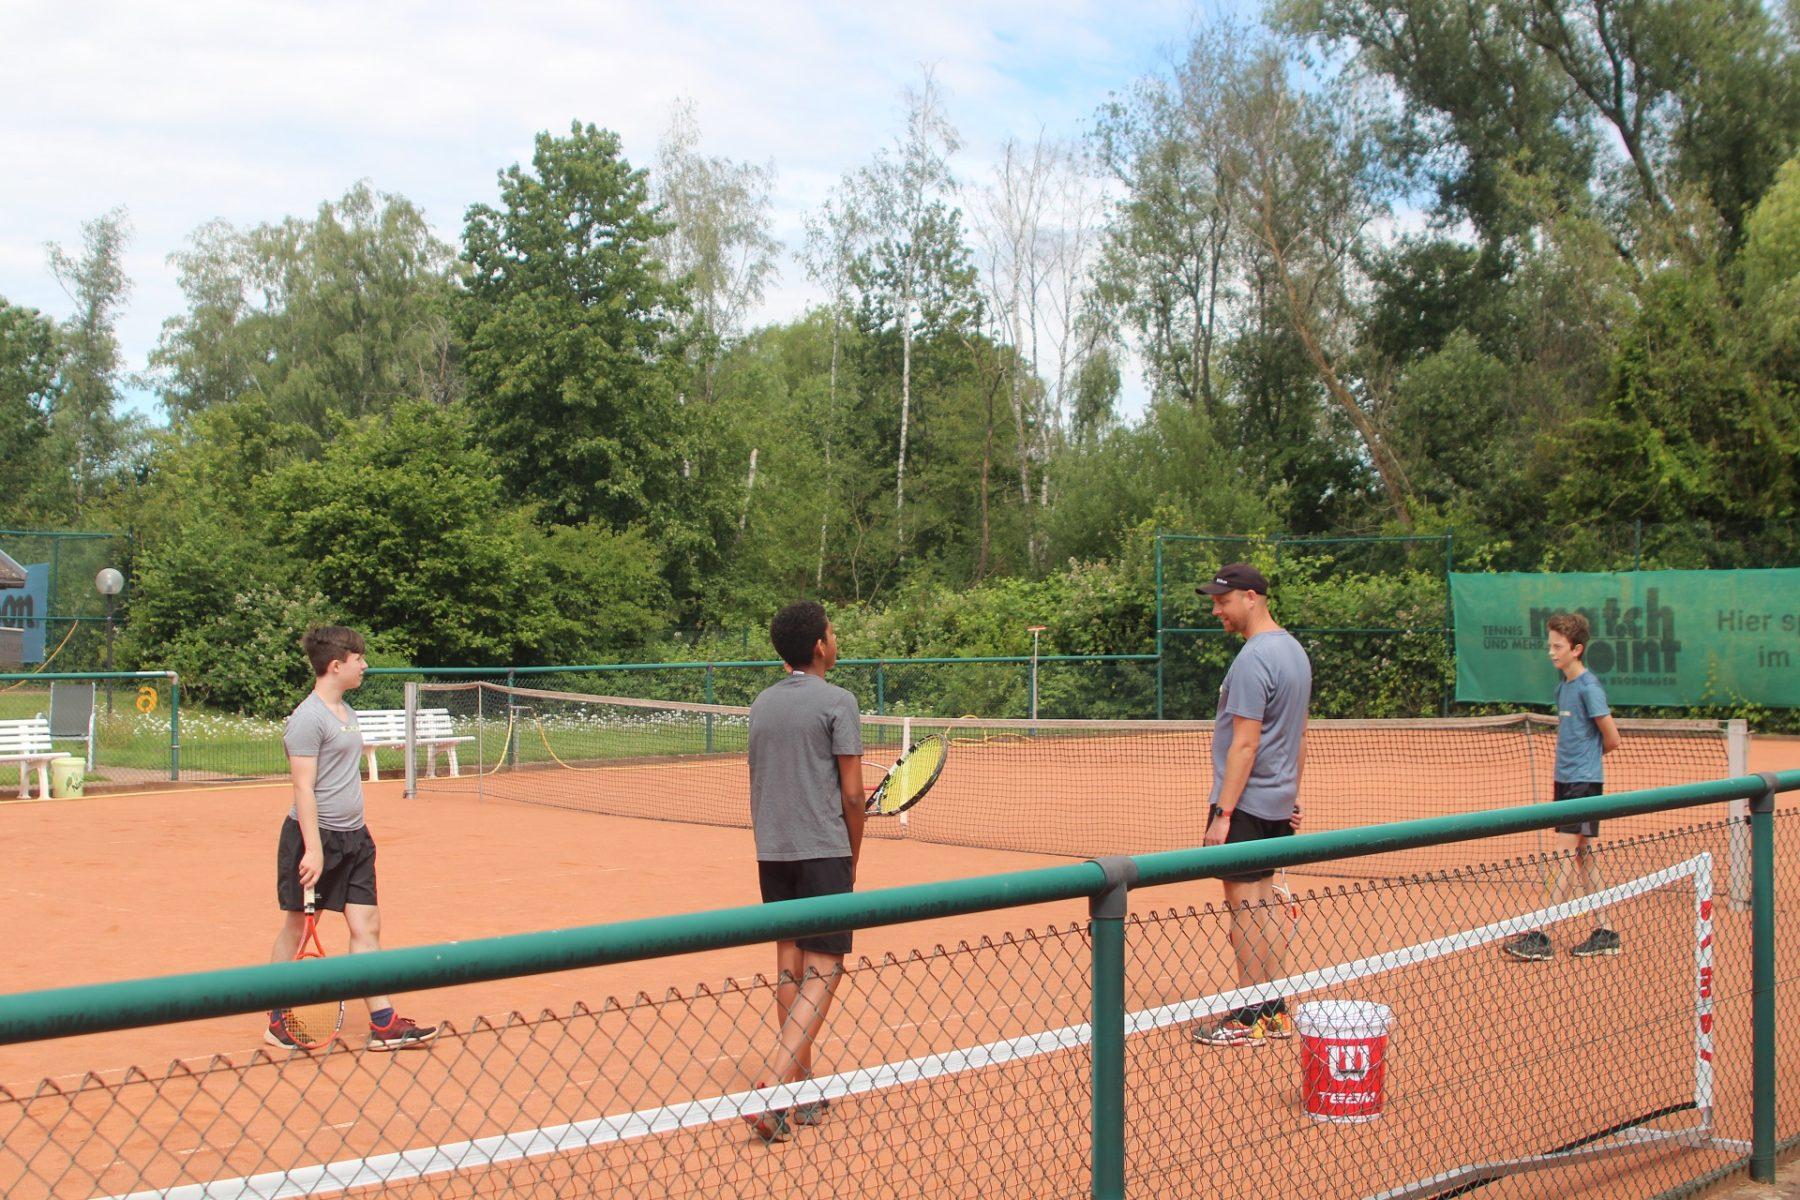 telekom-post-sv-tennisabteilung-feriencamp-2020-bild-8-klein